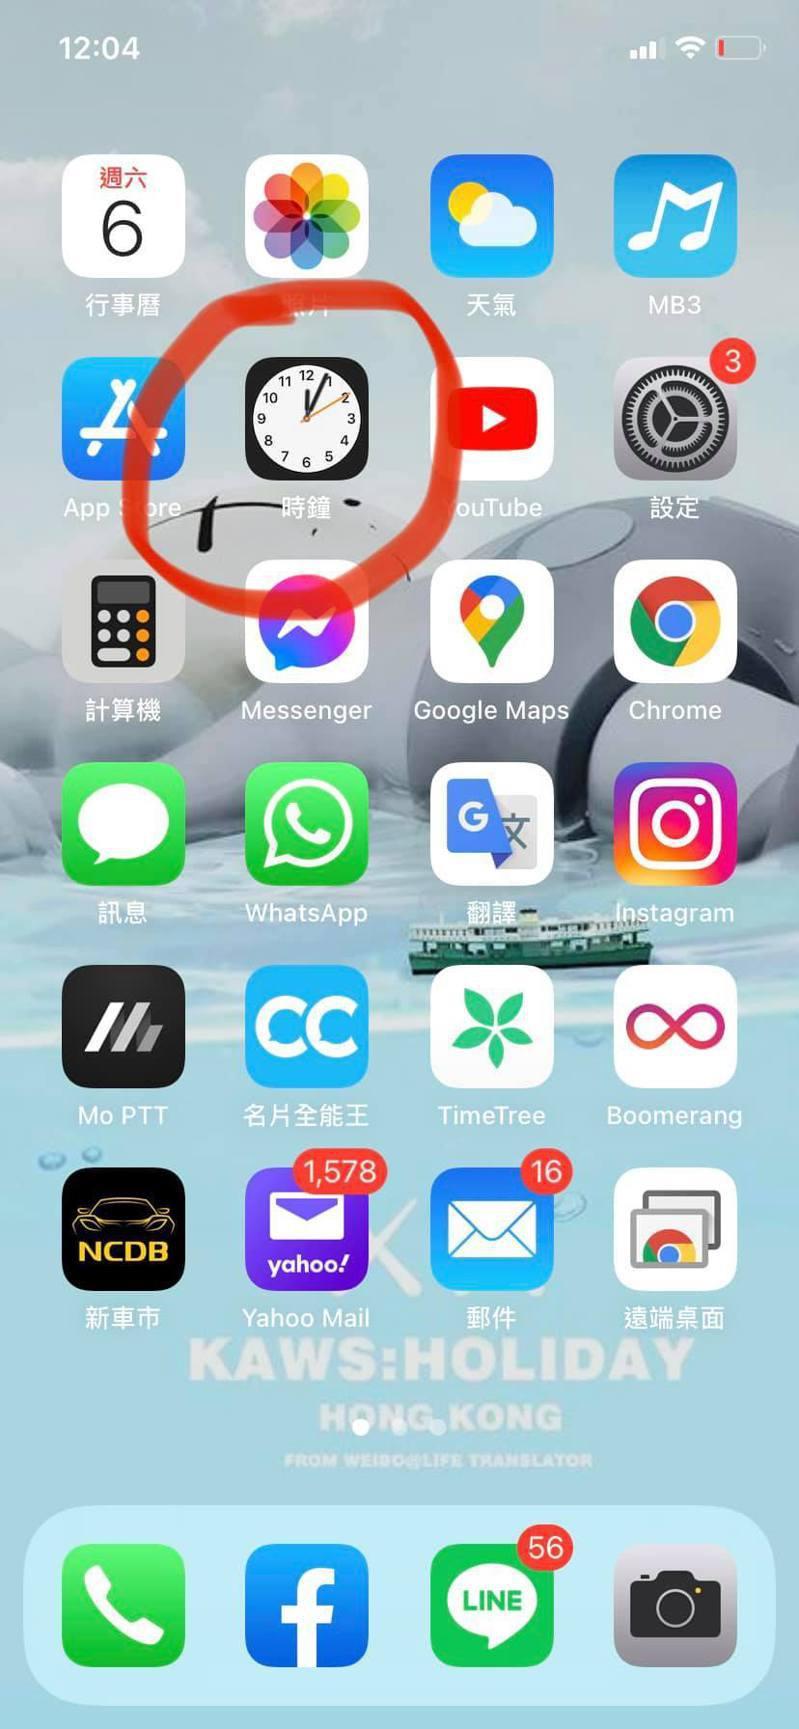 一位網友不經意發現iPhone的時鐘APP竟暗藏小巧思,讓他忍不住發文驚呼,「有人跟我一樣現在才知道的嗎?」貼文引起千名網友回覆。圖擷自爆廢公社公開版